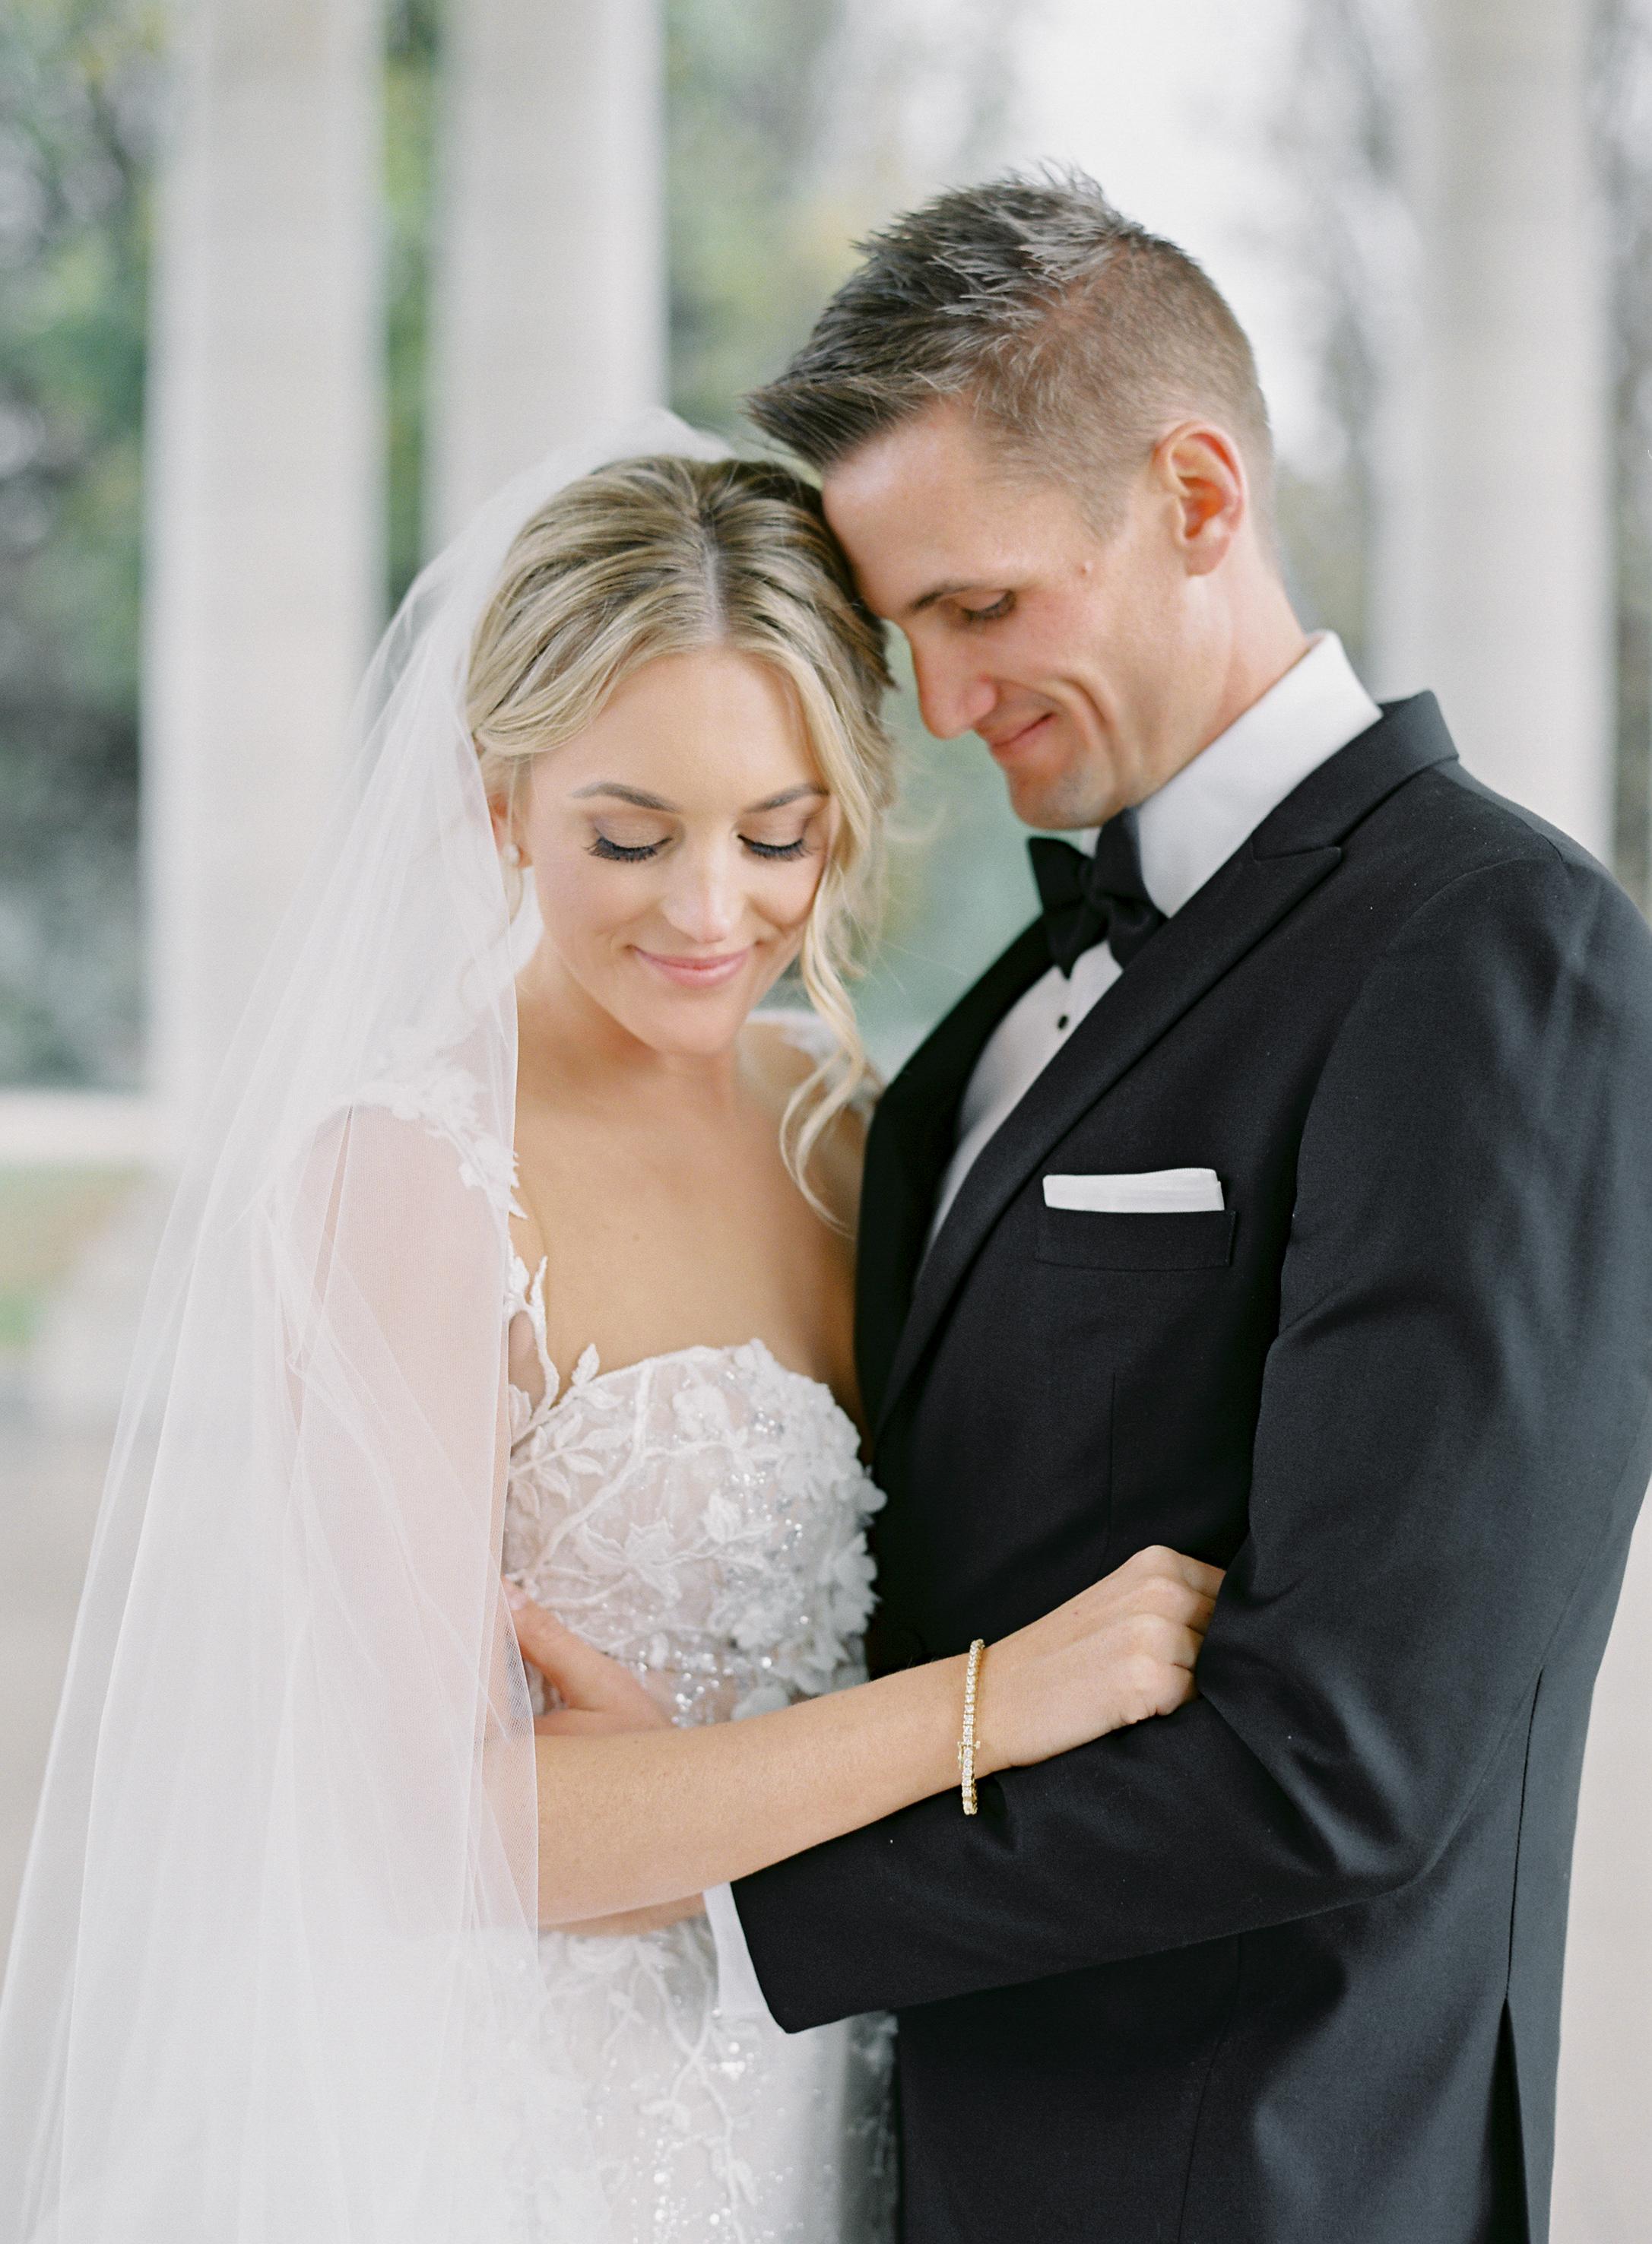 Sarah and John Wedding-Carrie King Photographer-11.jpg